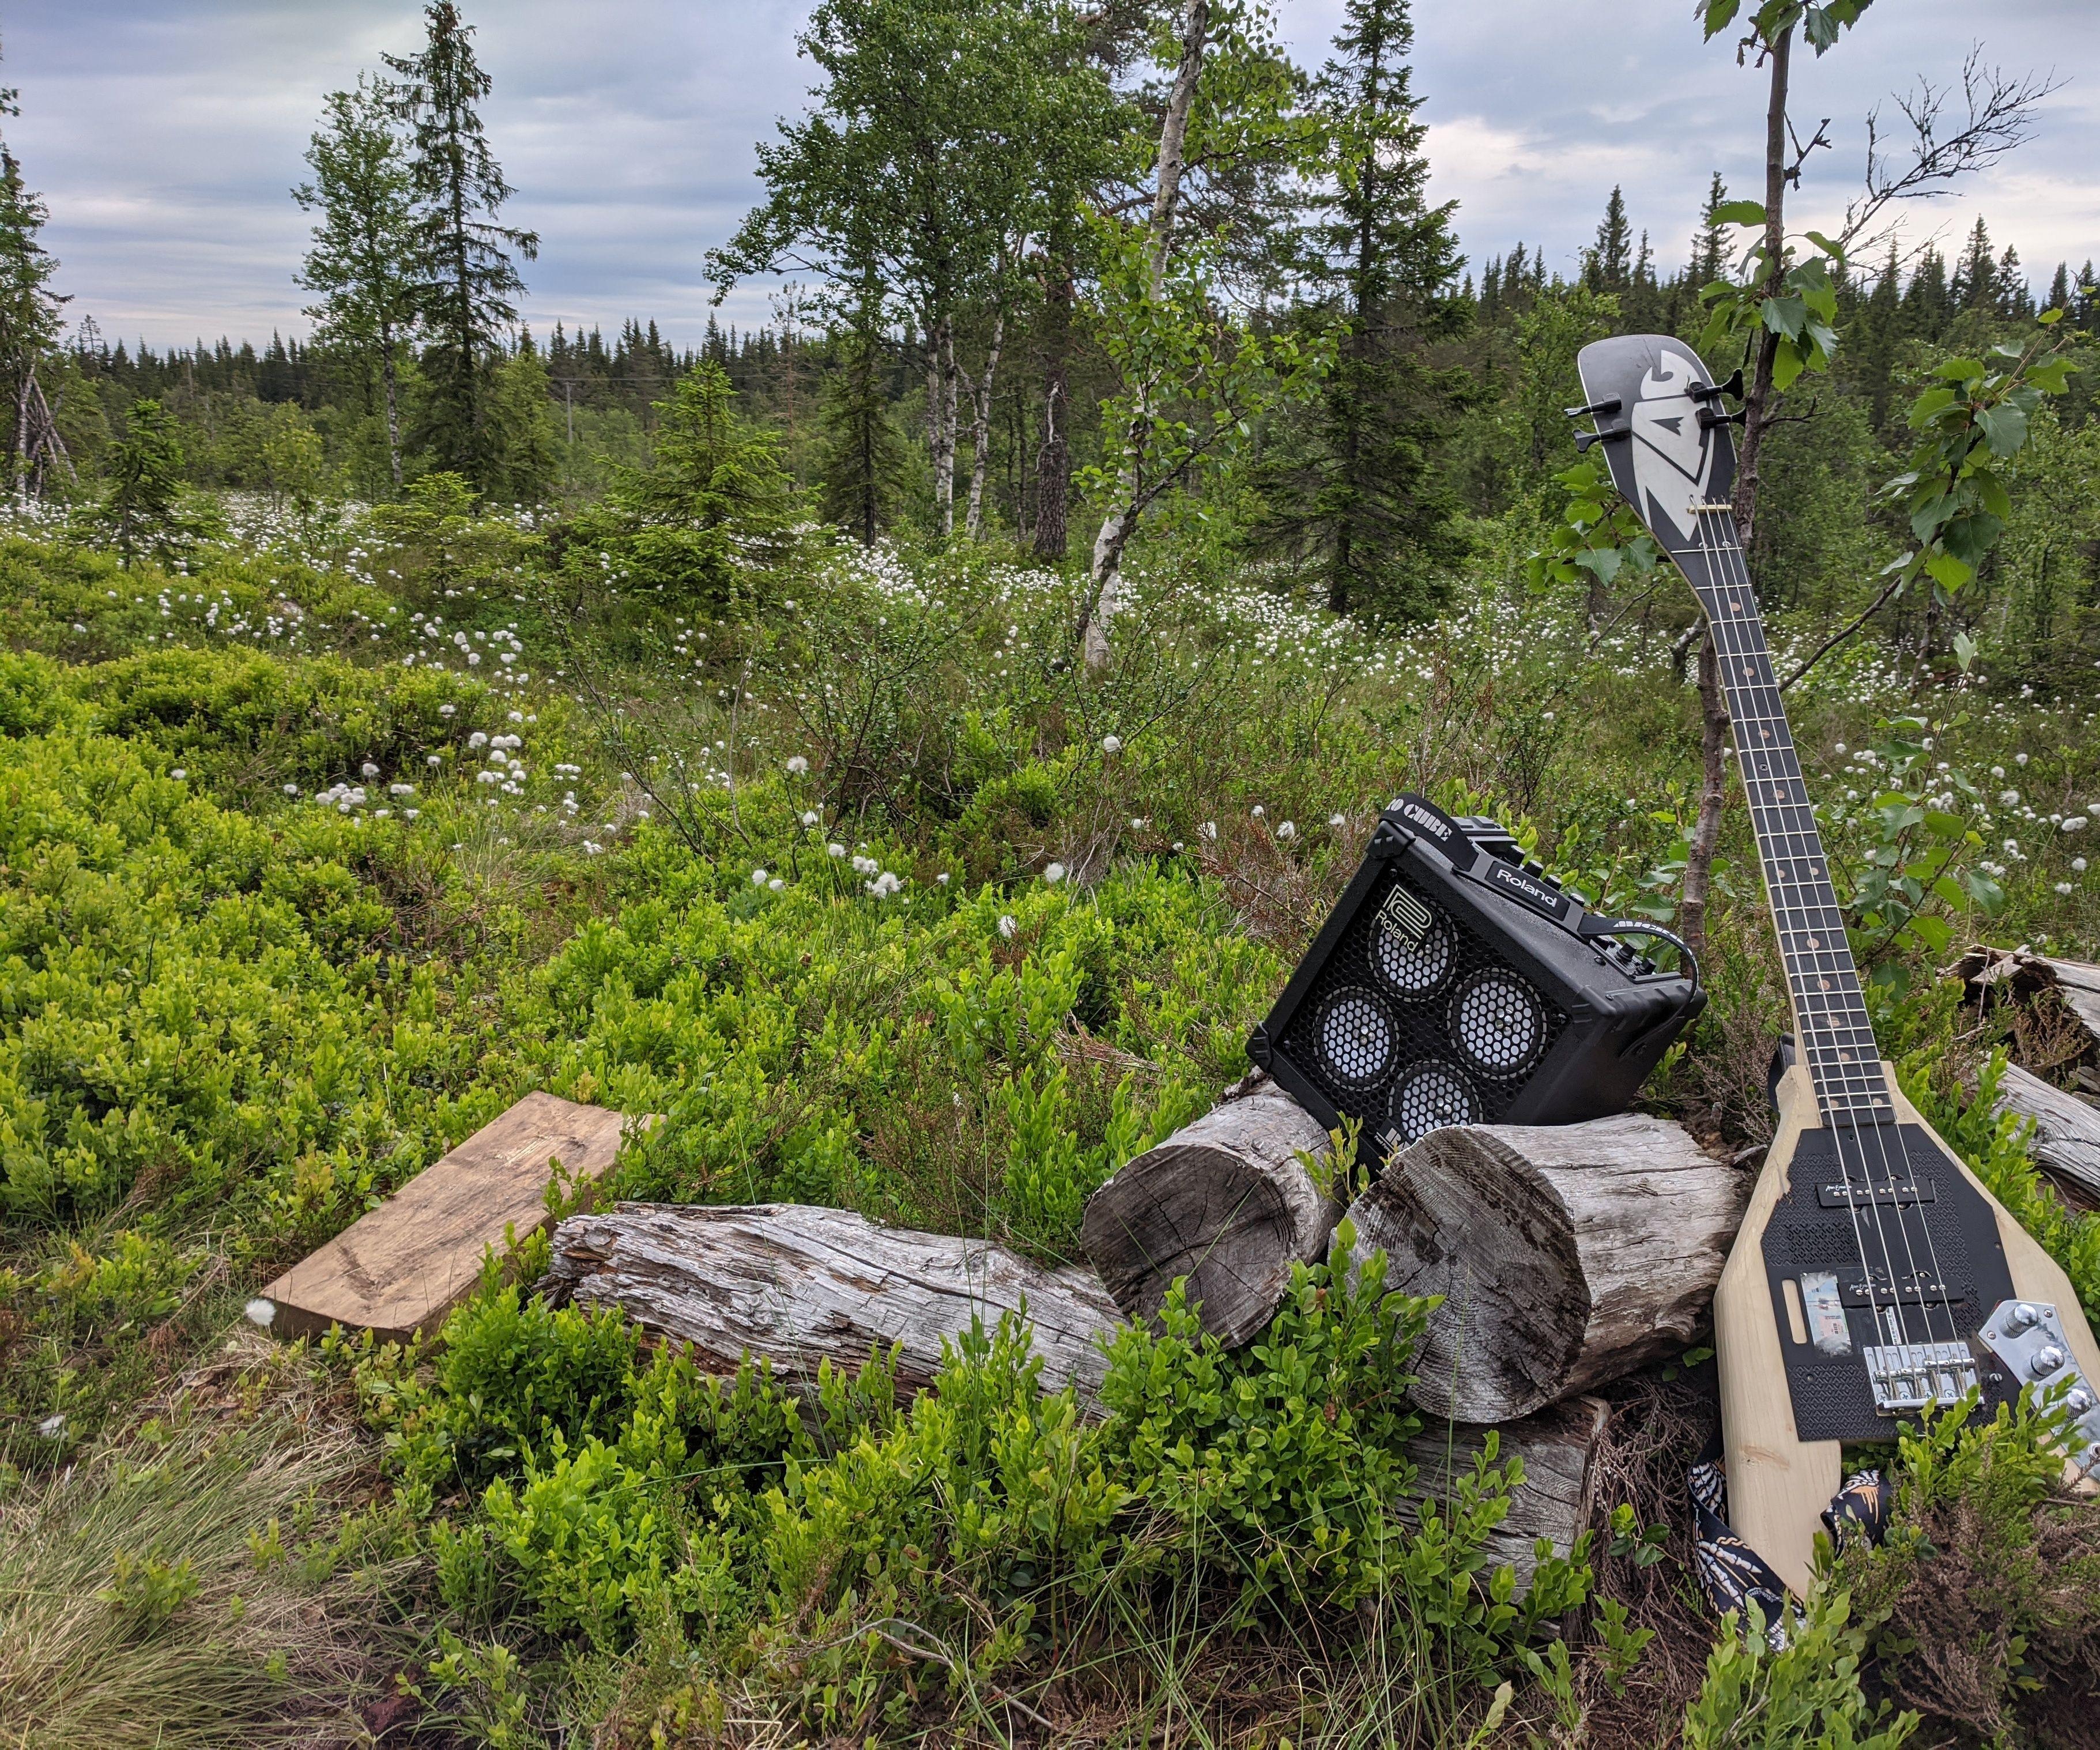 Bass Guitar Made of a Broken Ski.